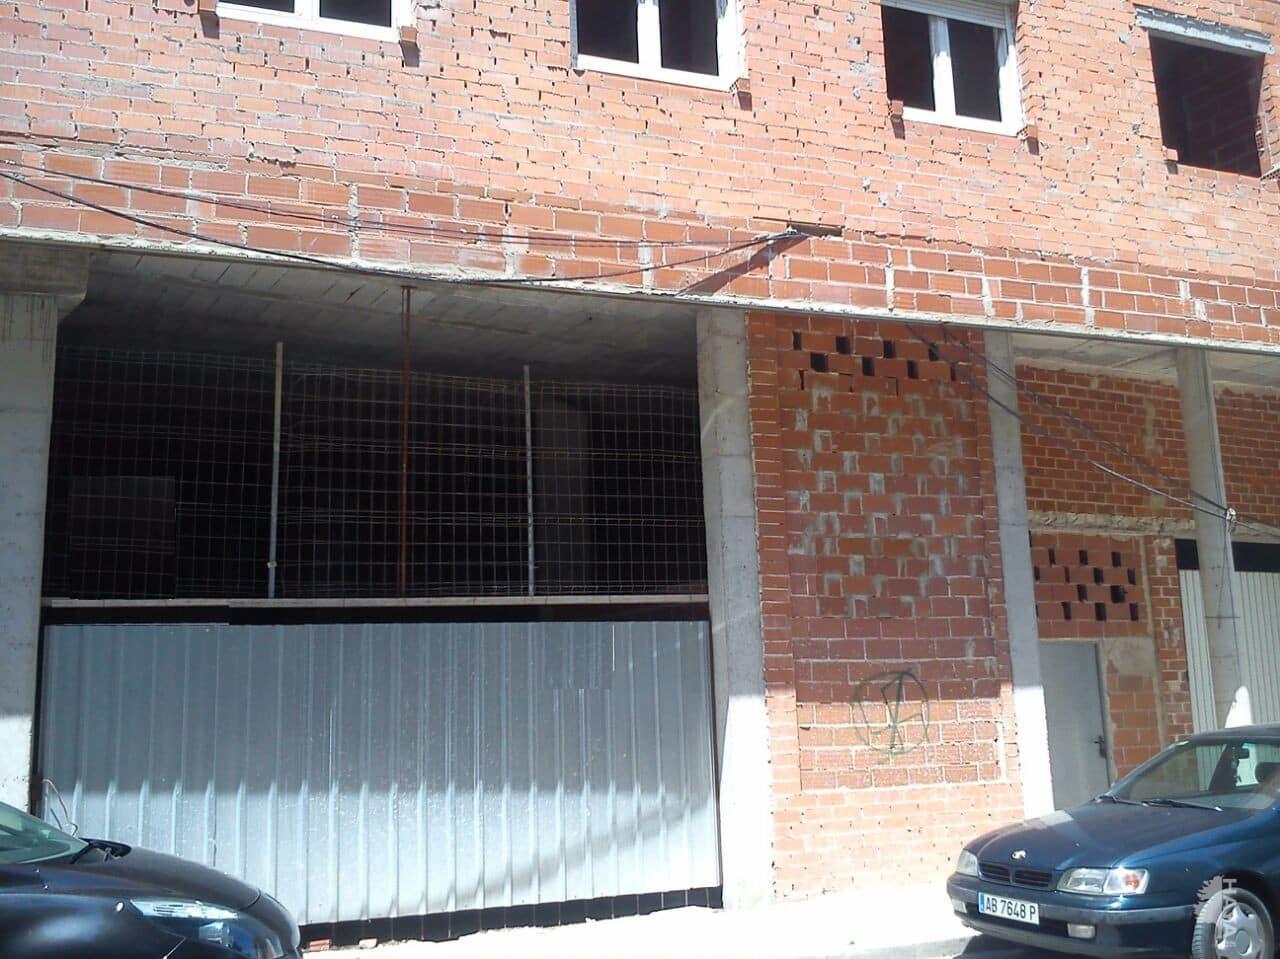 Piso en venta en La Roda, la Roda, Albacete, Calle Juan Garcia Glz, 38.800 €, 1 habitación, 1 baño, 107 m2